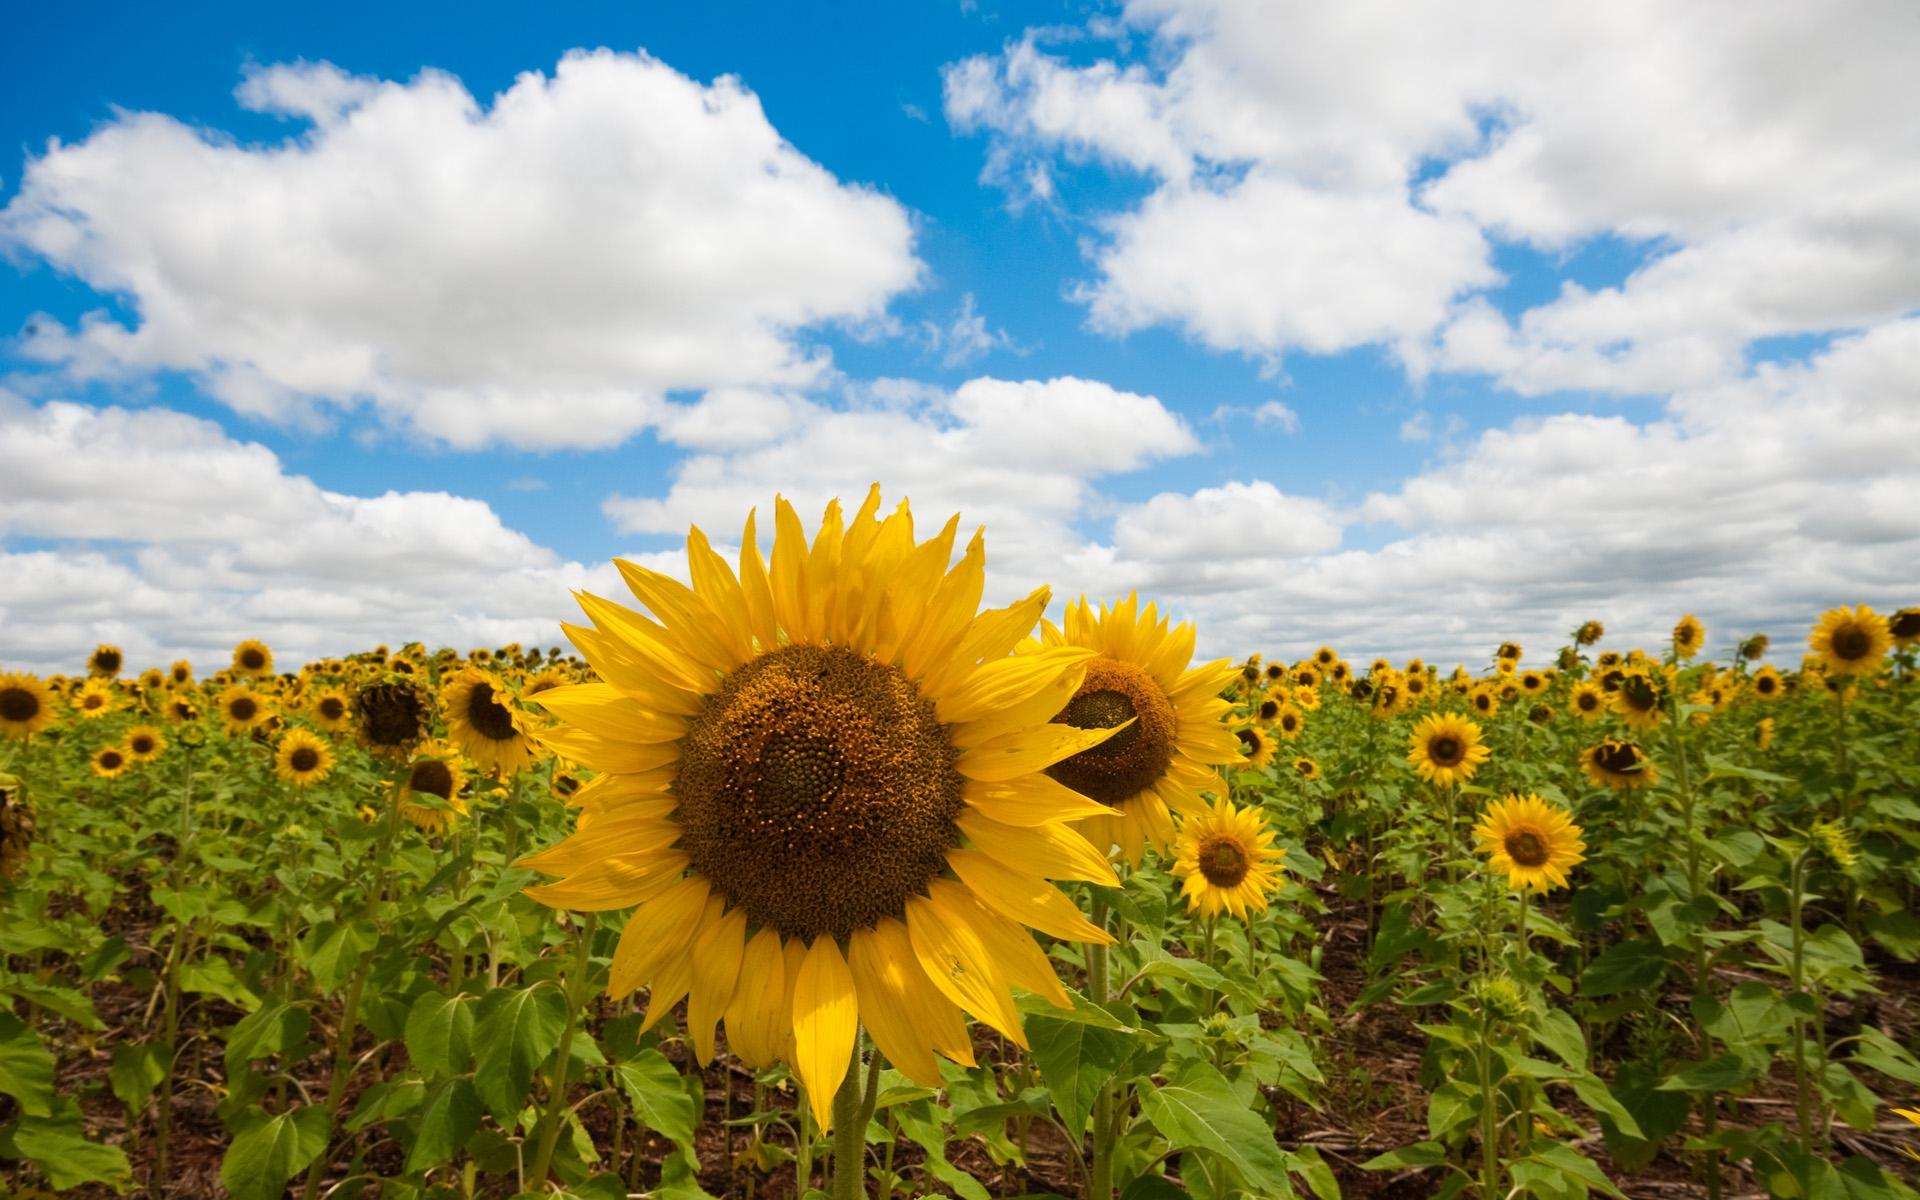 37843 скачать обои Растения, Цветы, Подсолнухи - заставки и картинки бесплатно